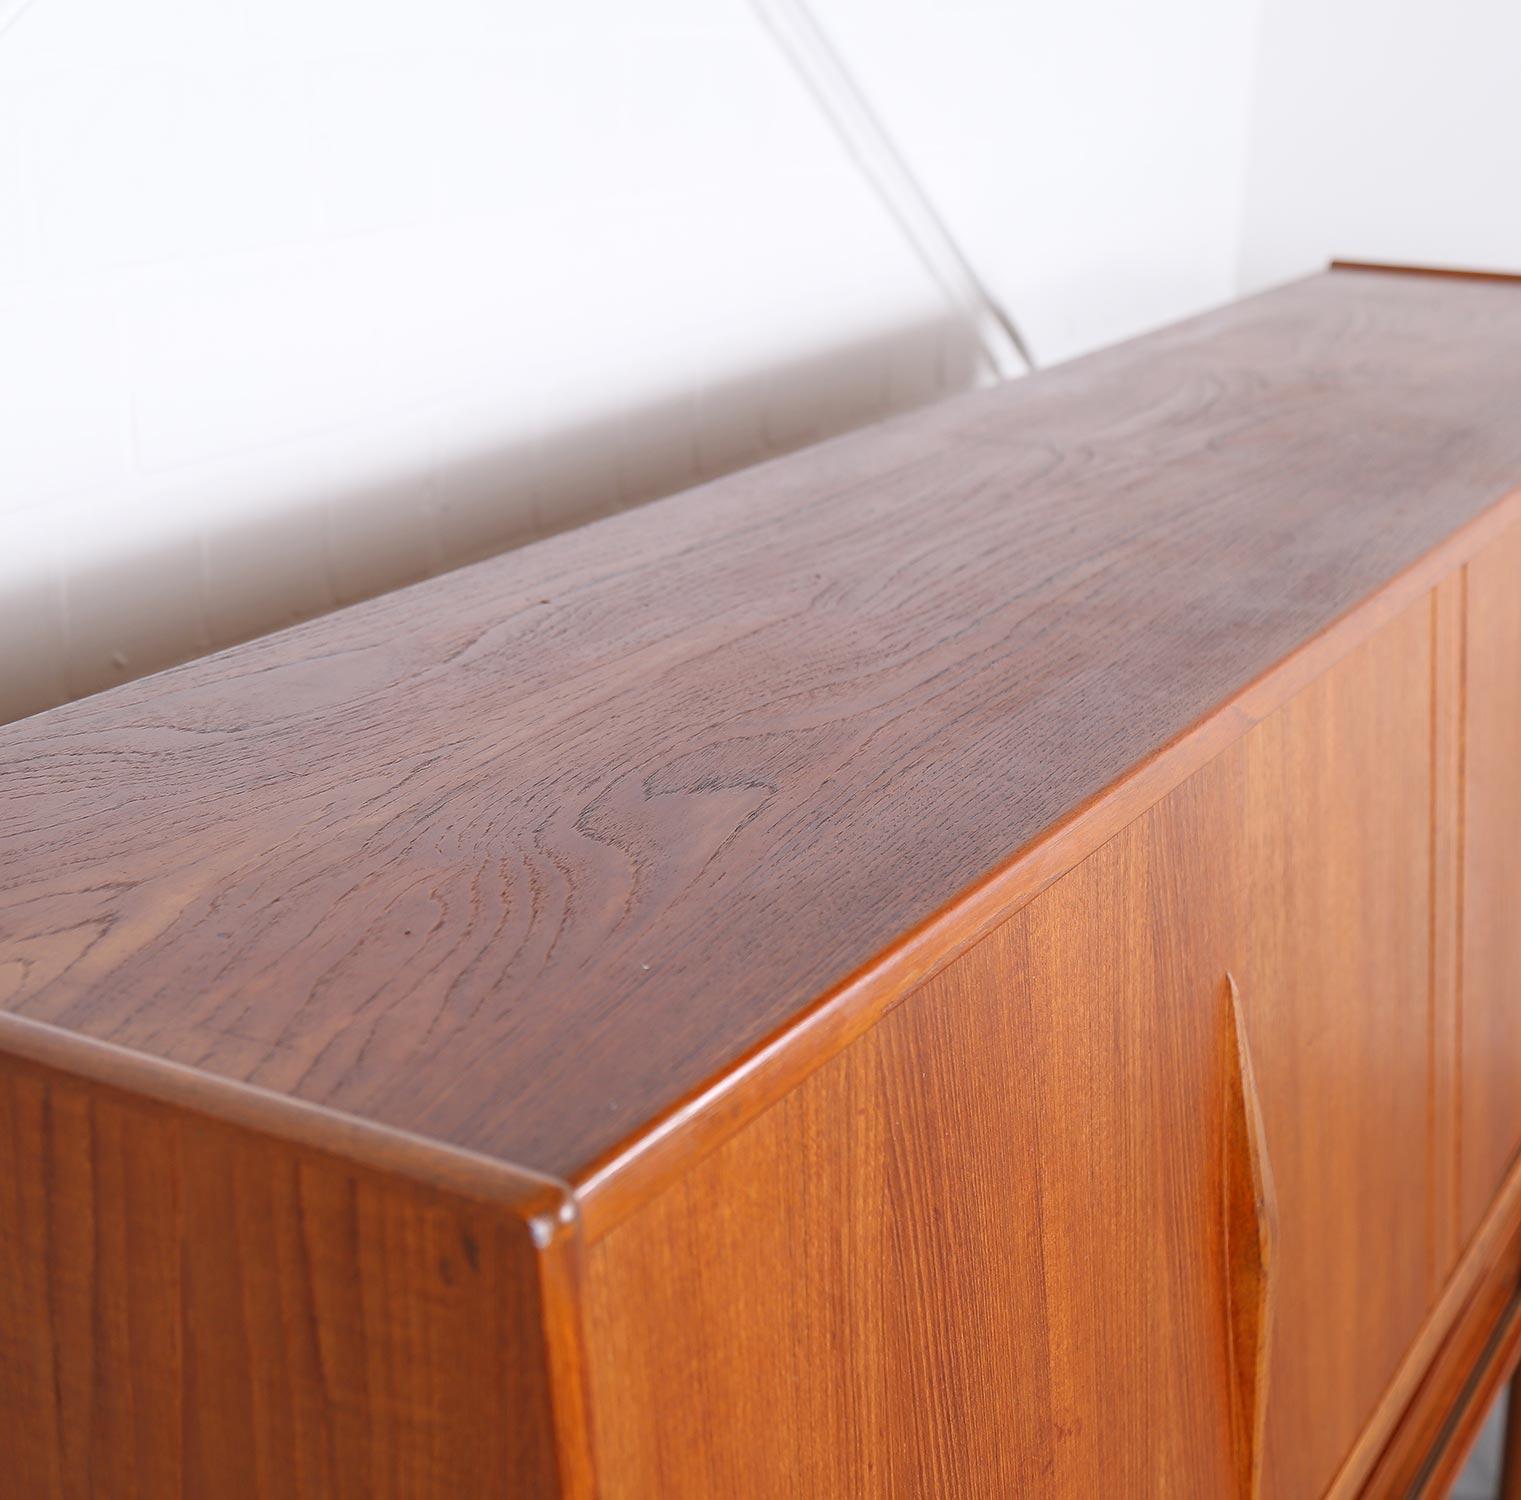 Geometric Danish Design Teak Sideboard Credenza Dekaden